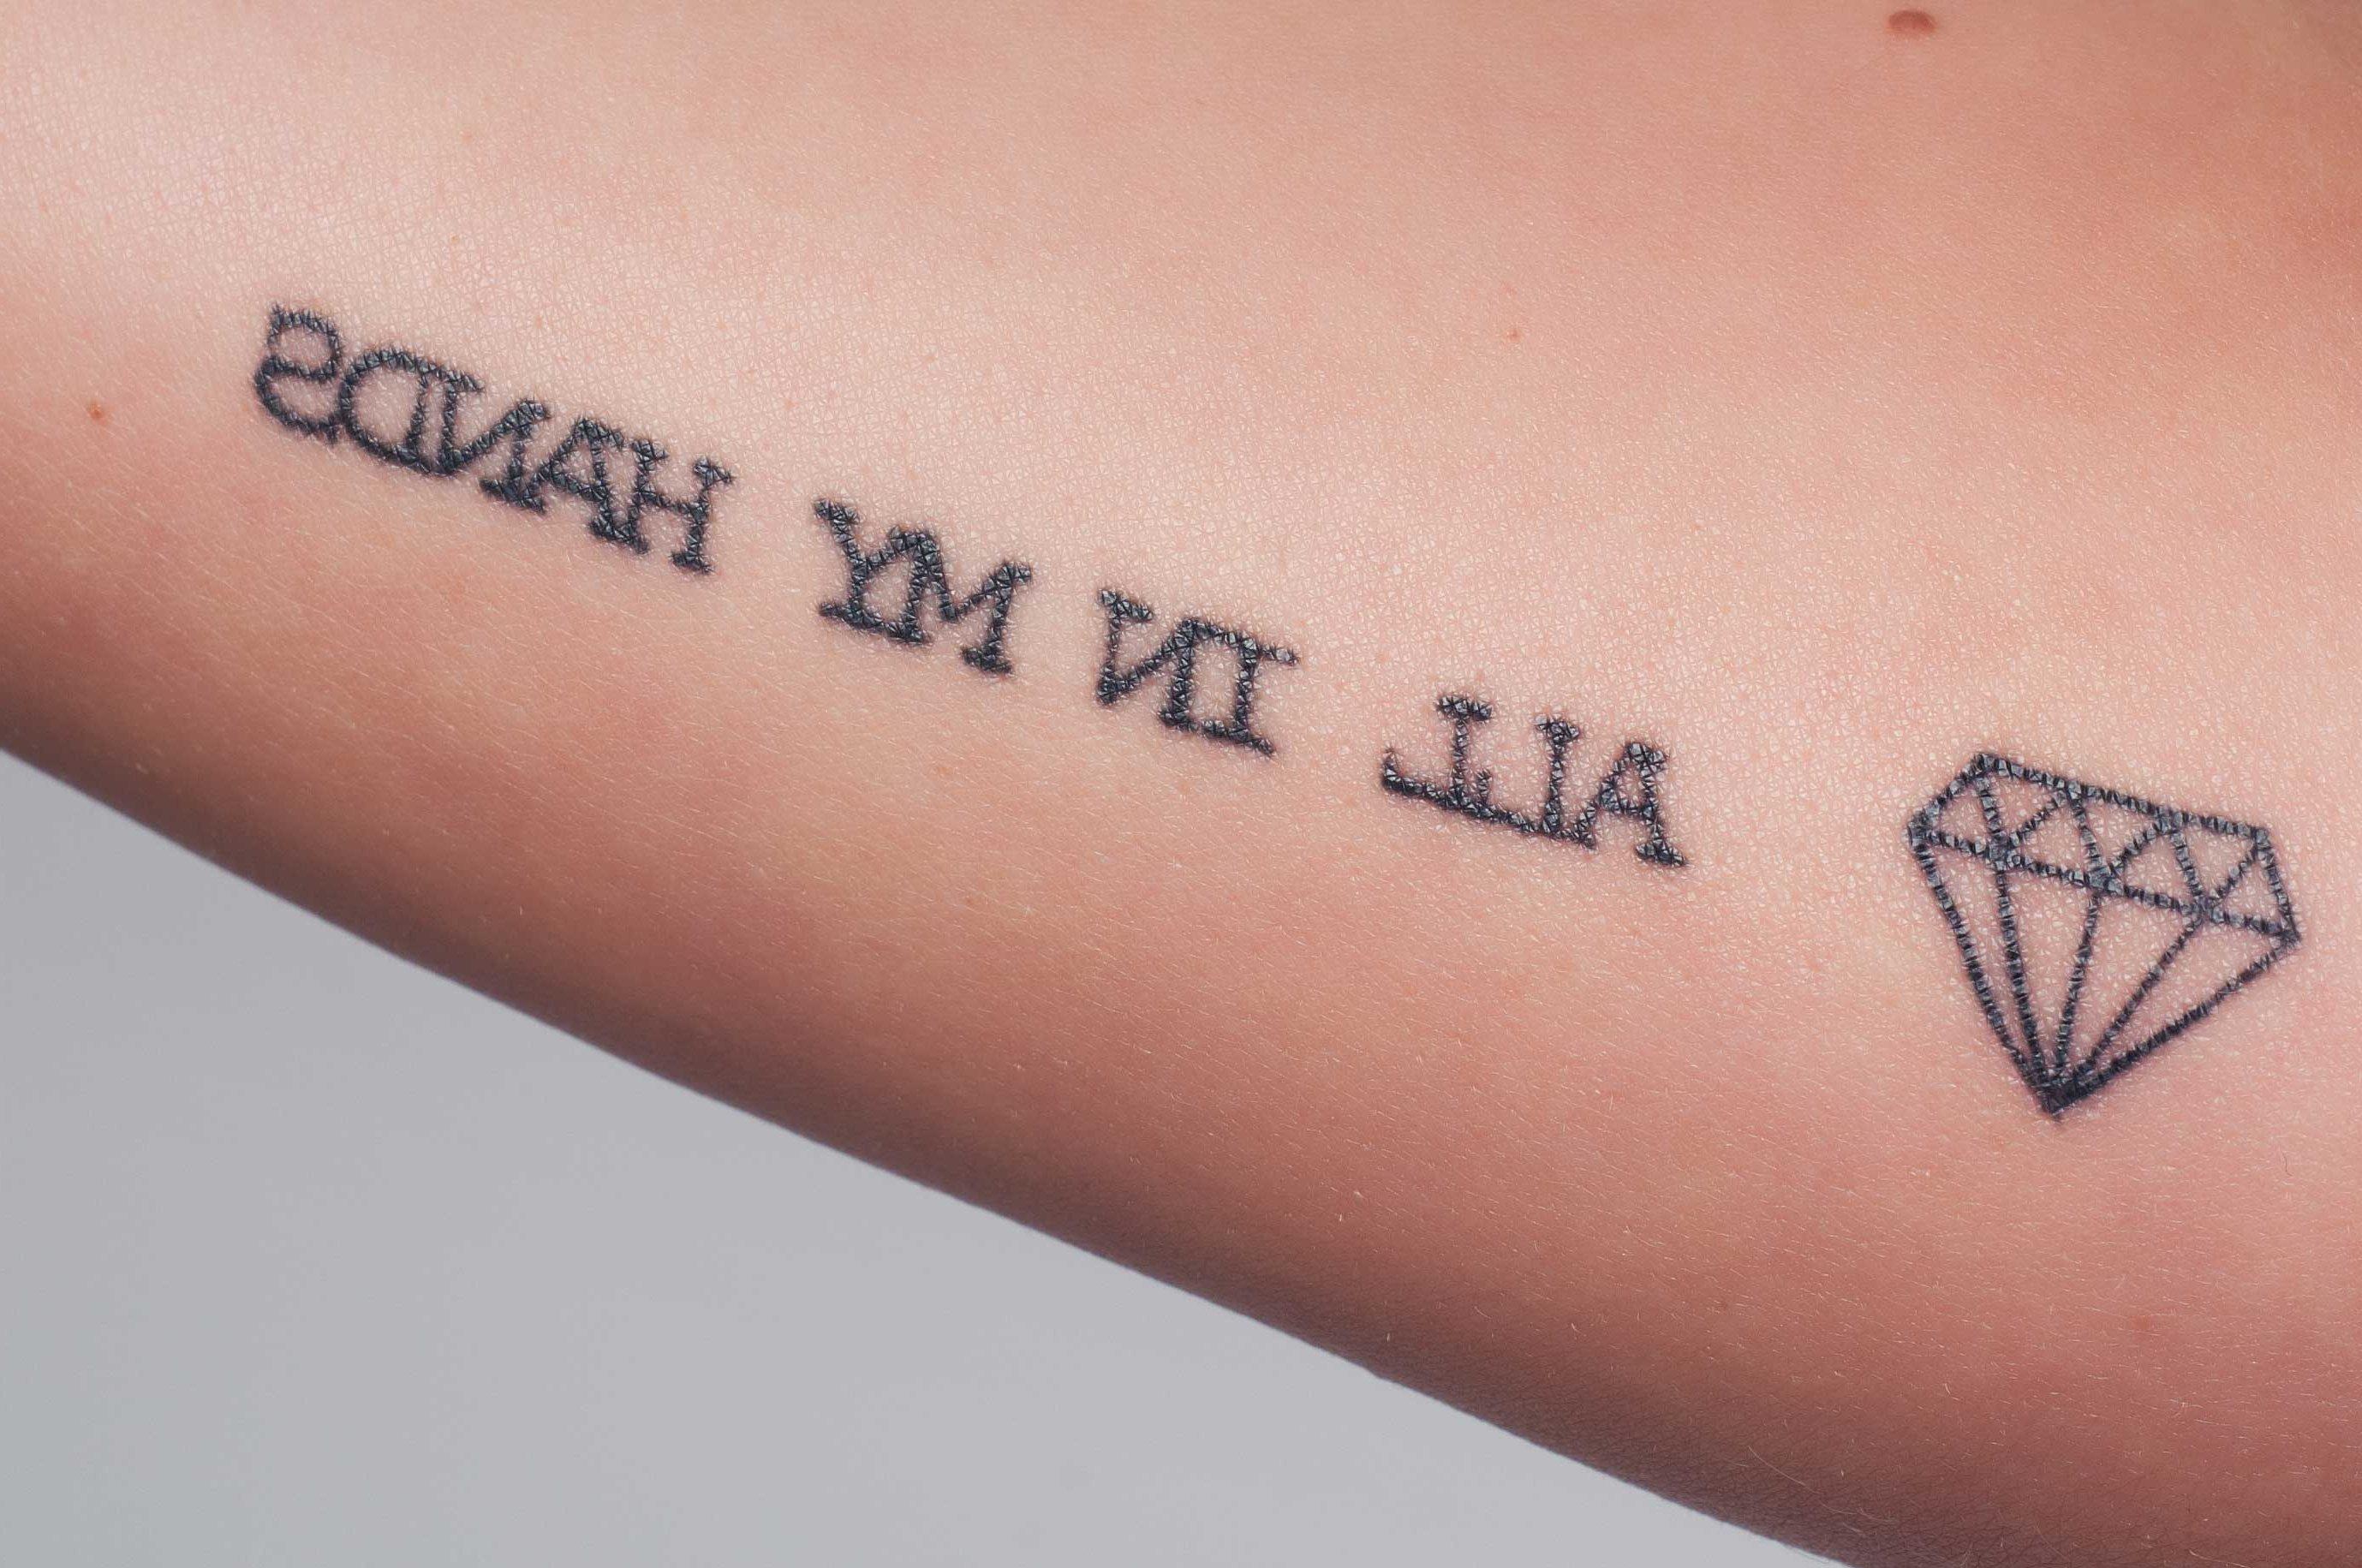 Superiore тату надписи для девушек с переводом